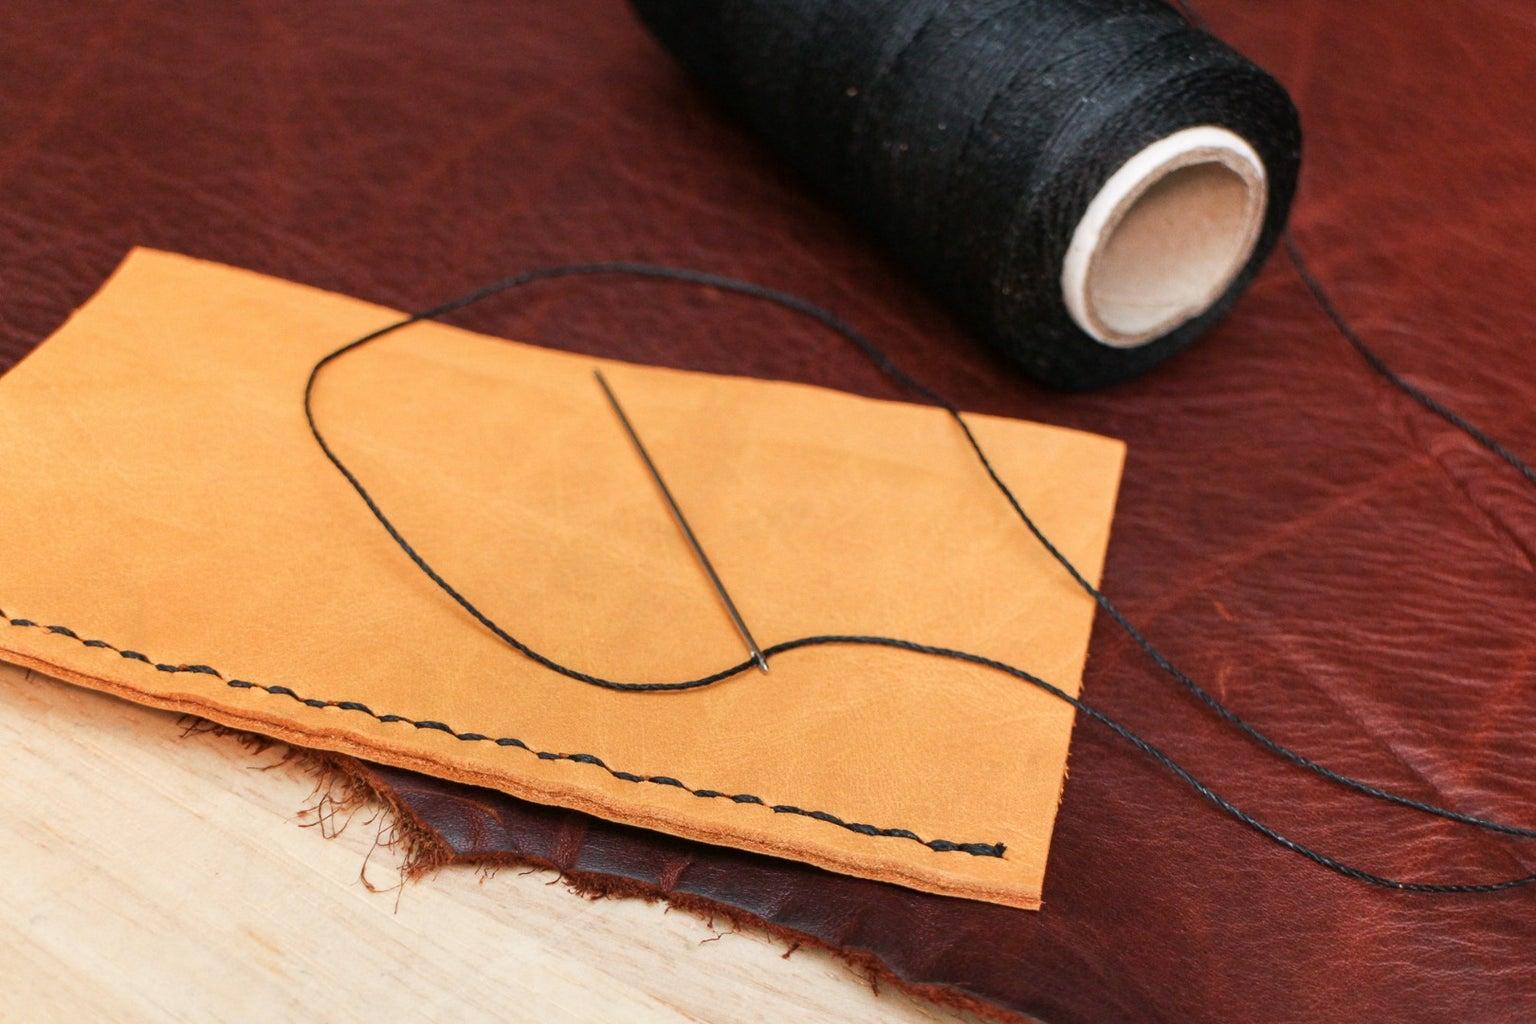 Saddle Stitching With One Needle